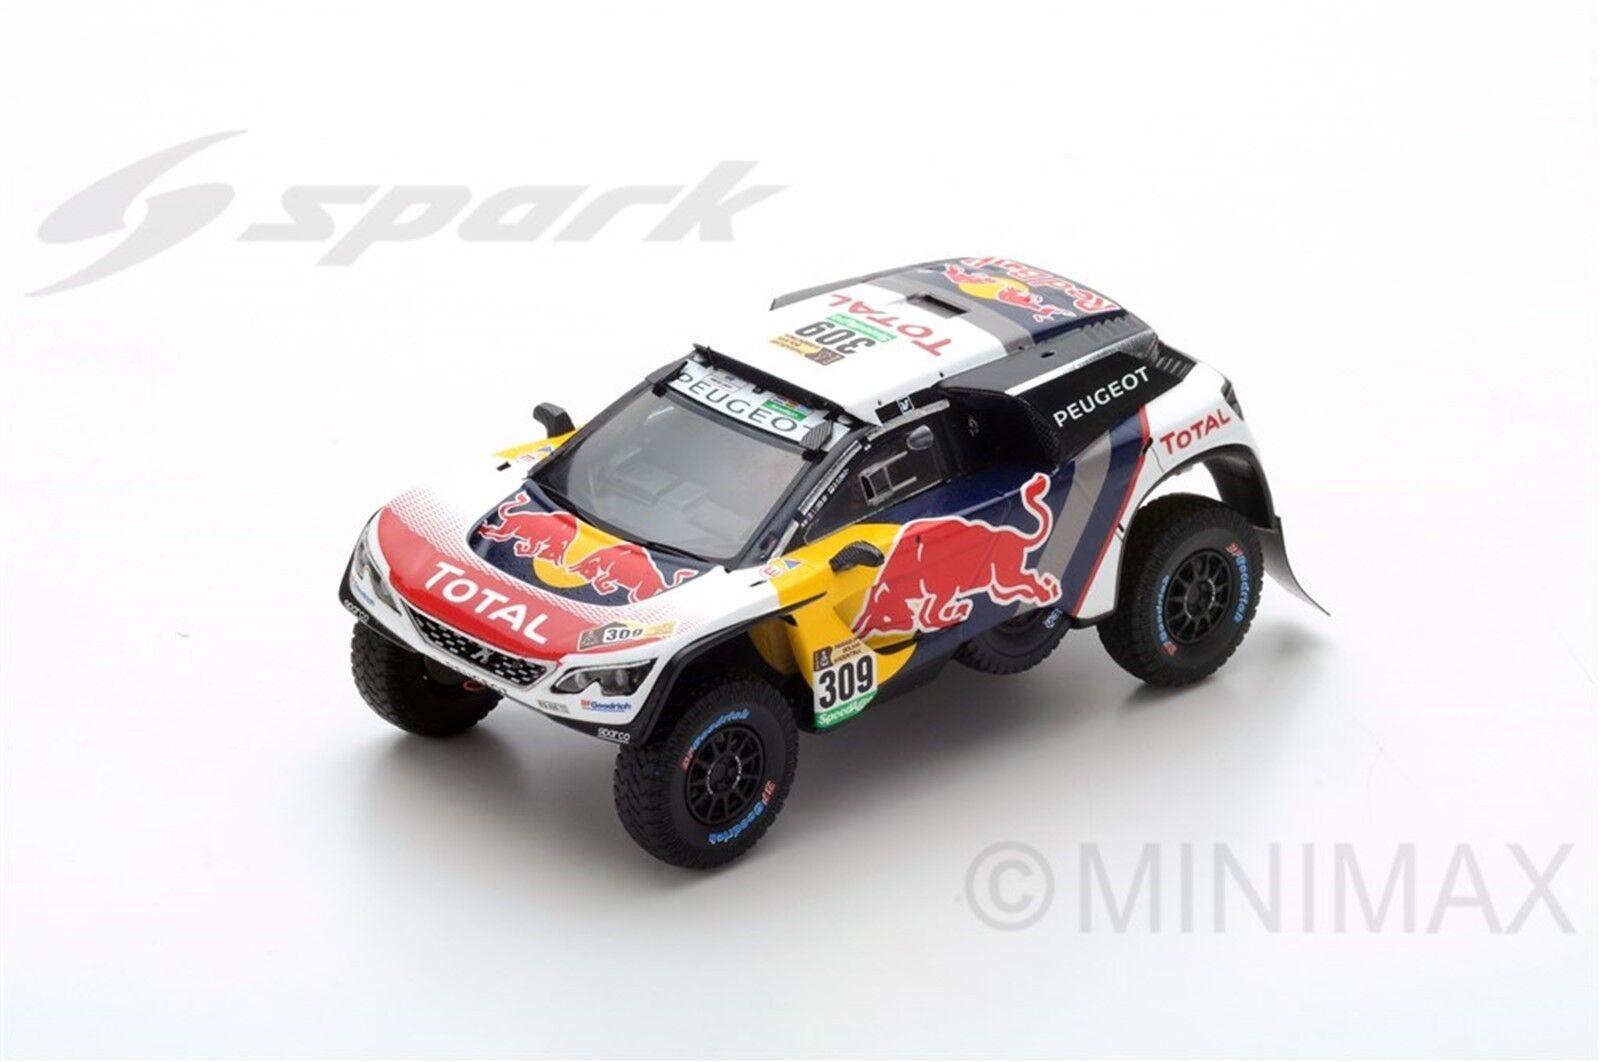 SPARK PEUGEOT 3008 DKR  309 2nd Dakar 2017 S. Loeb - D. Elena S5610 1 43